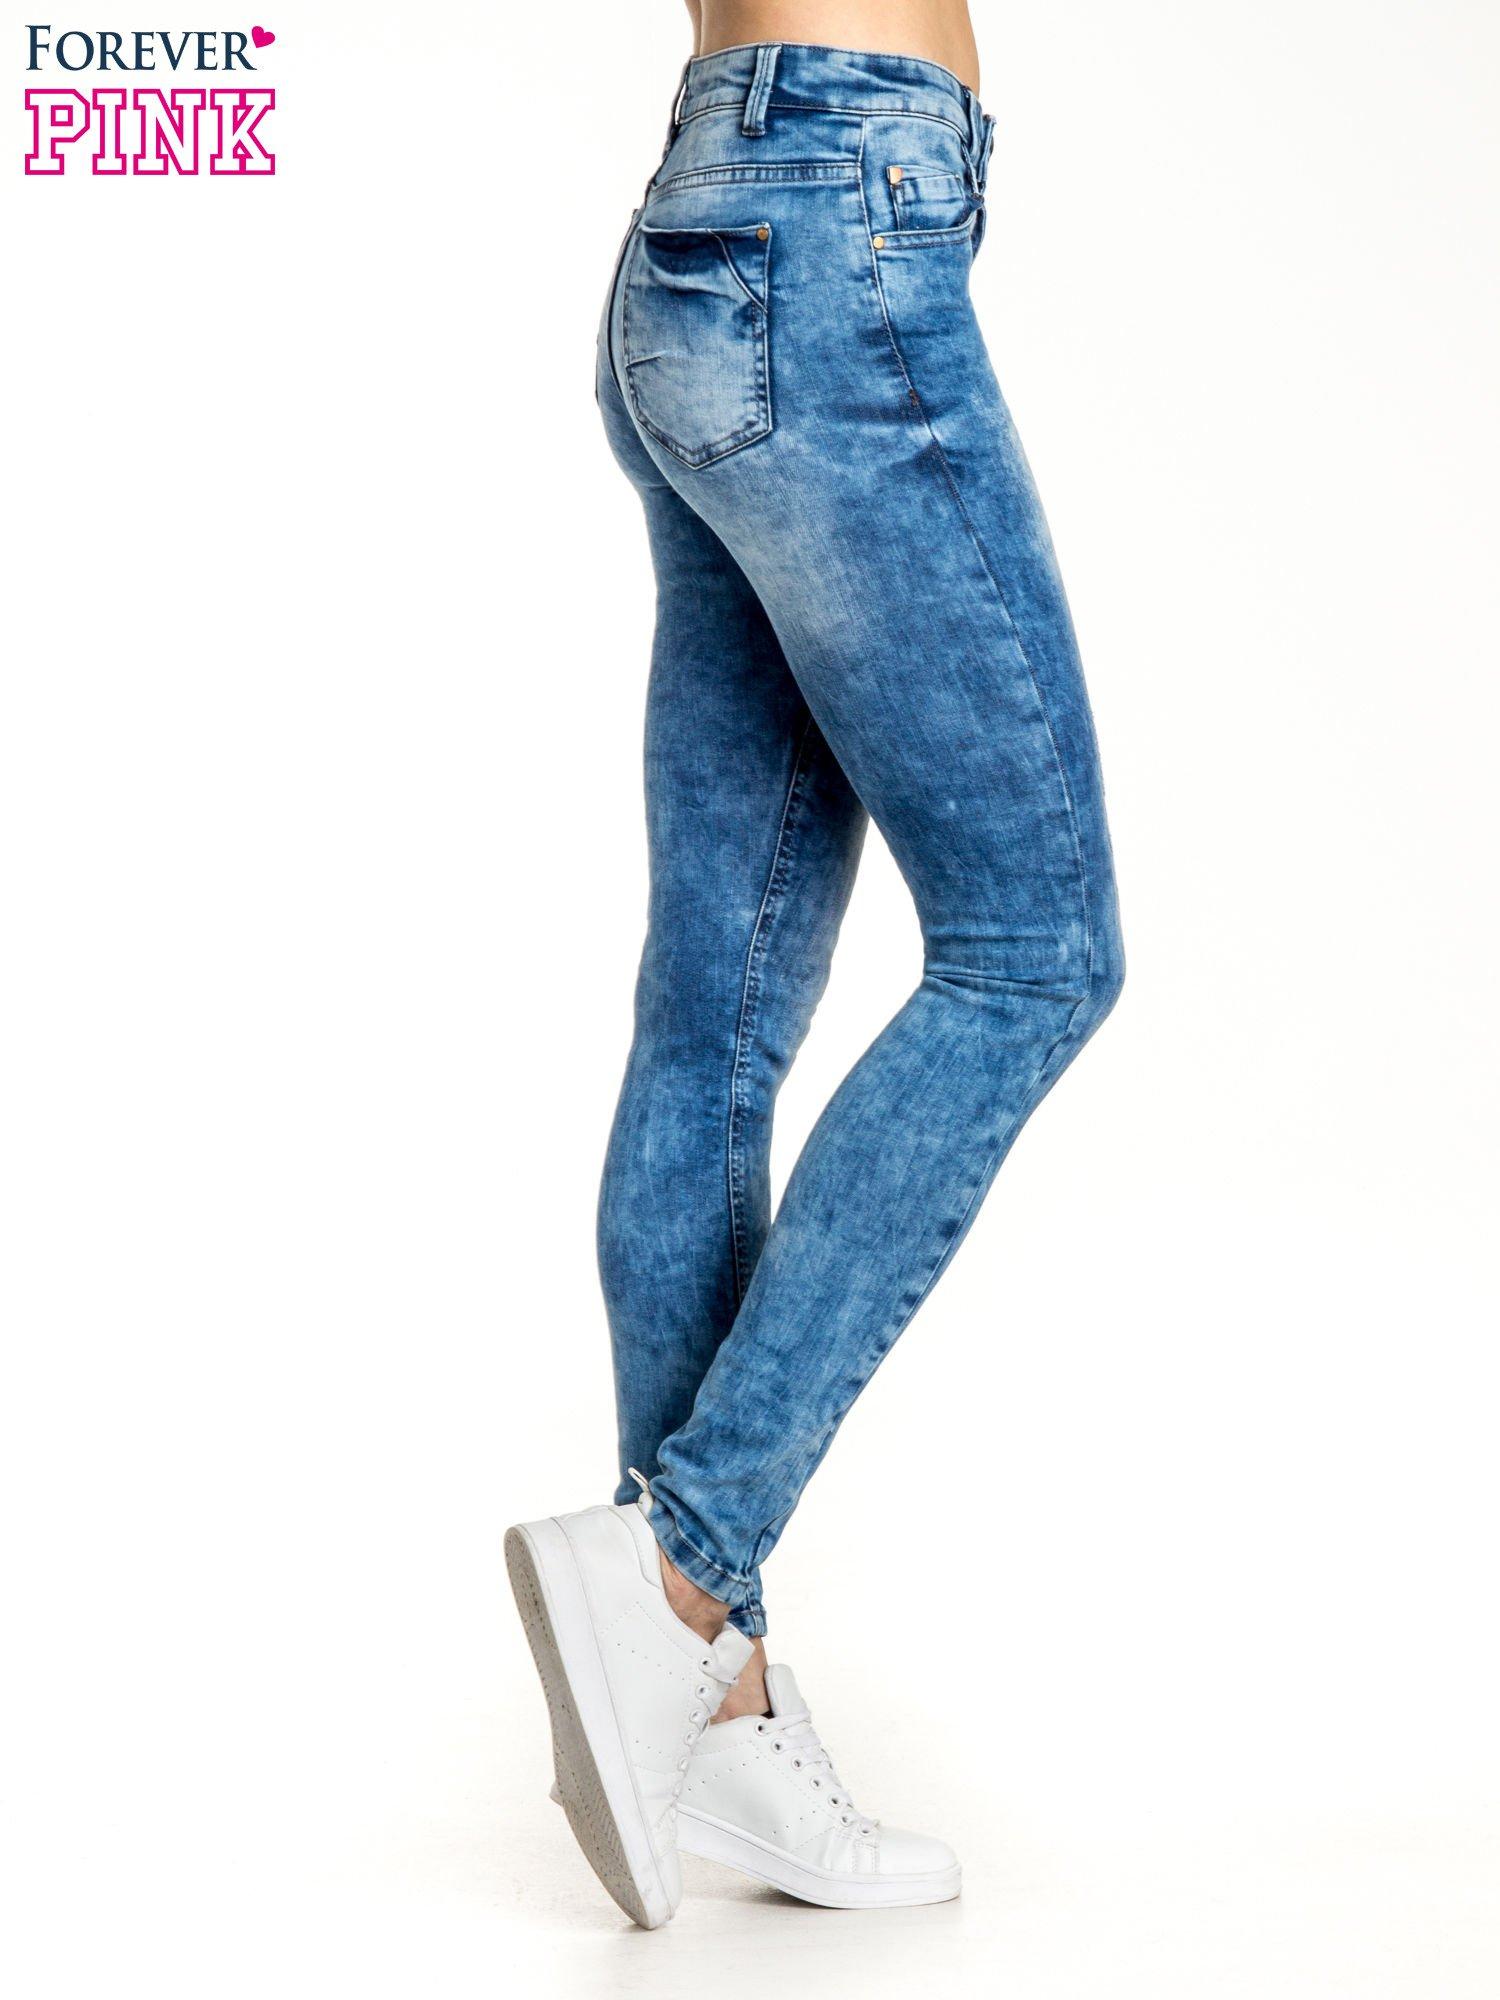 Ciemnoniebieskie spodnie jeansowe skinny z lekkim dekatyzowaniem                                  zdj.                                  2